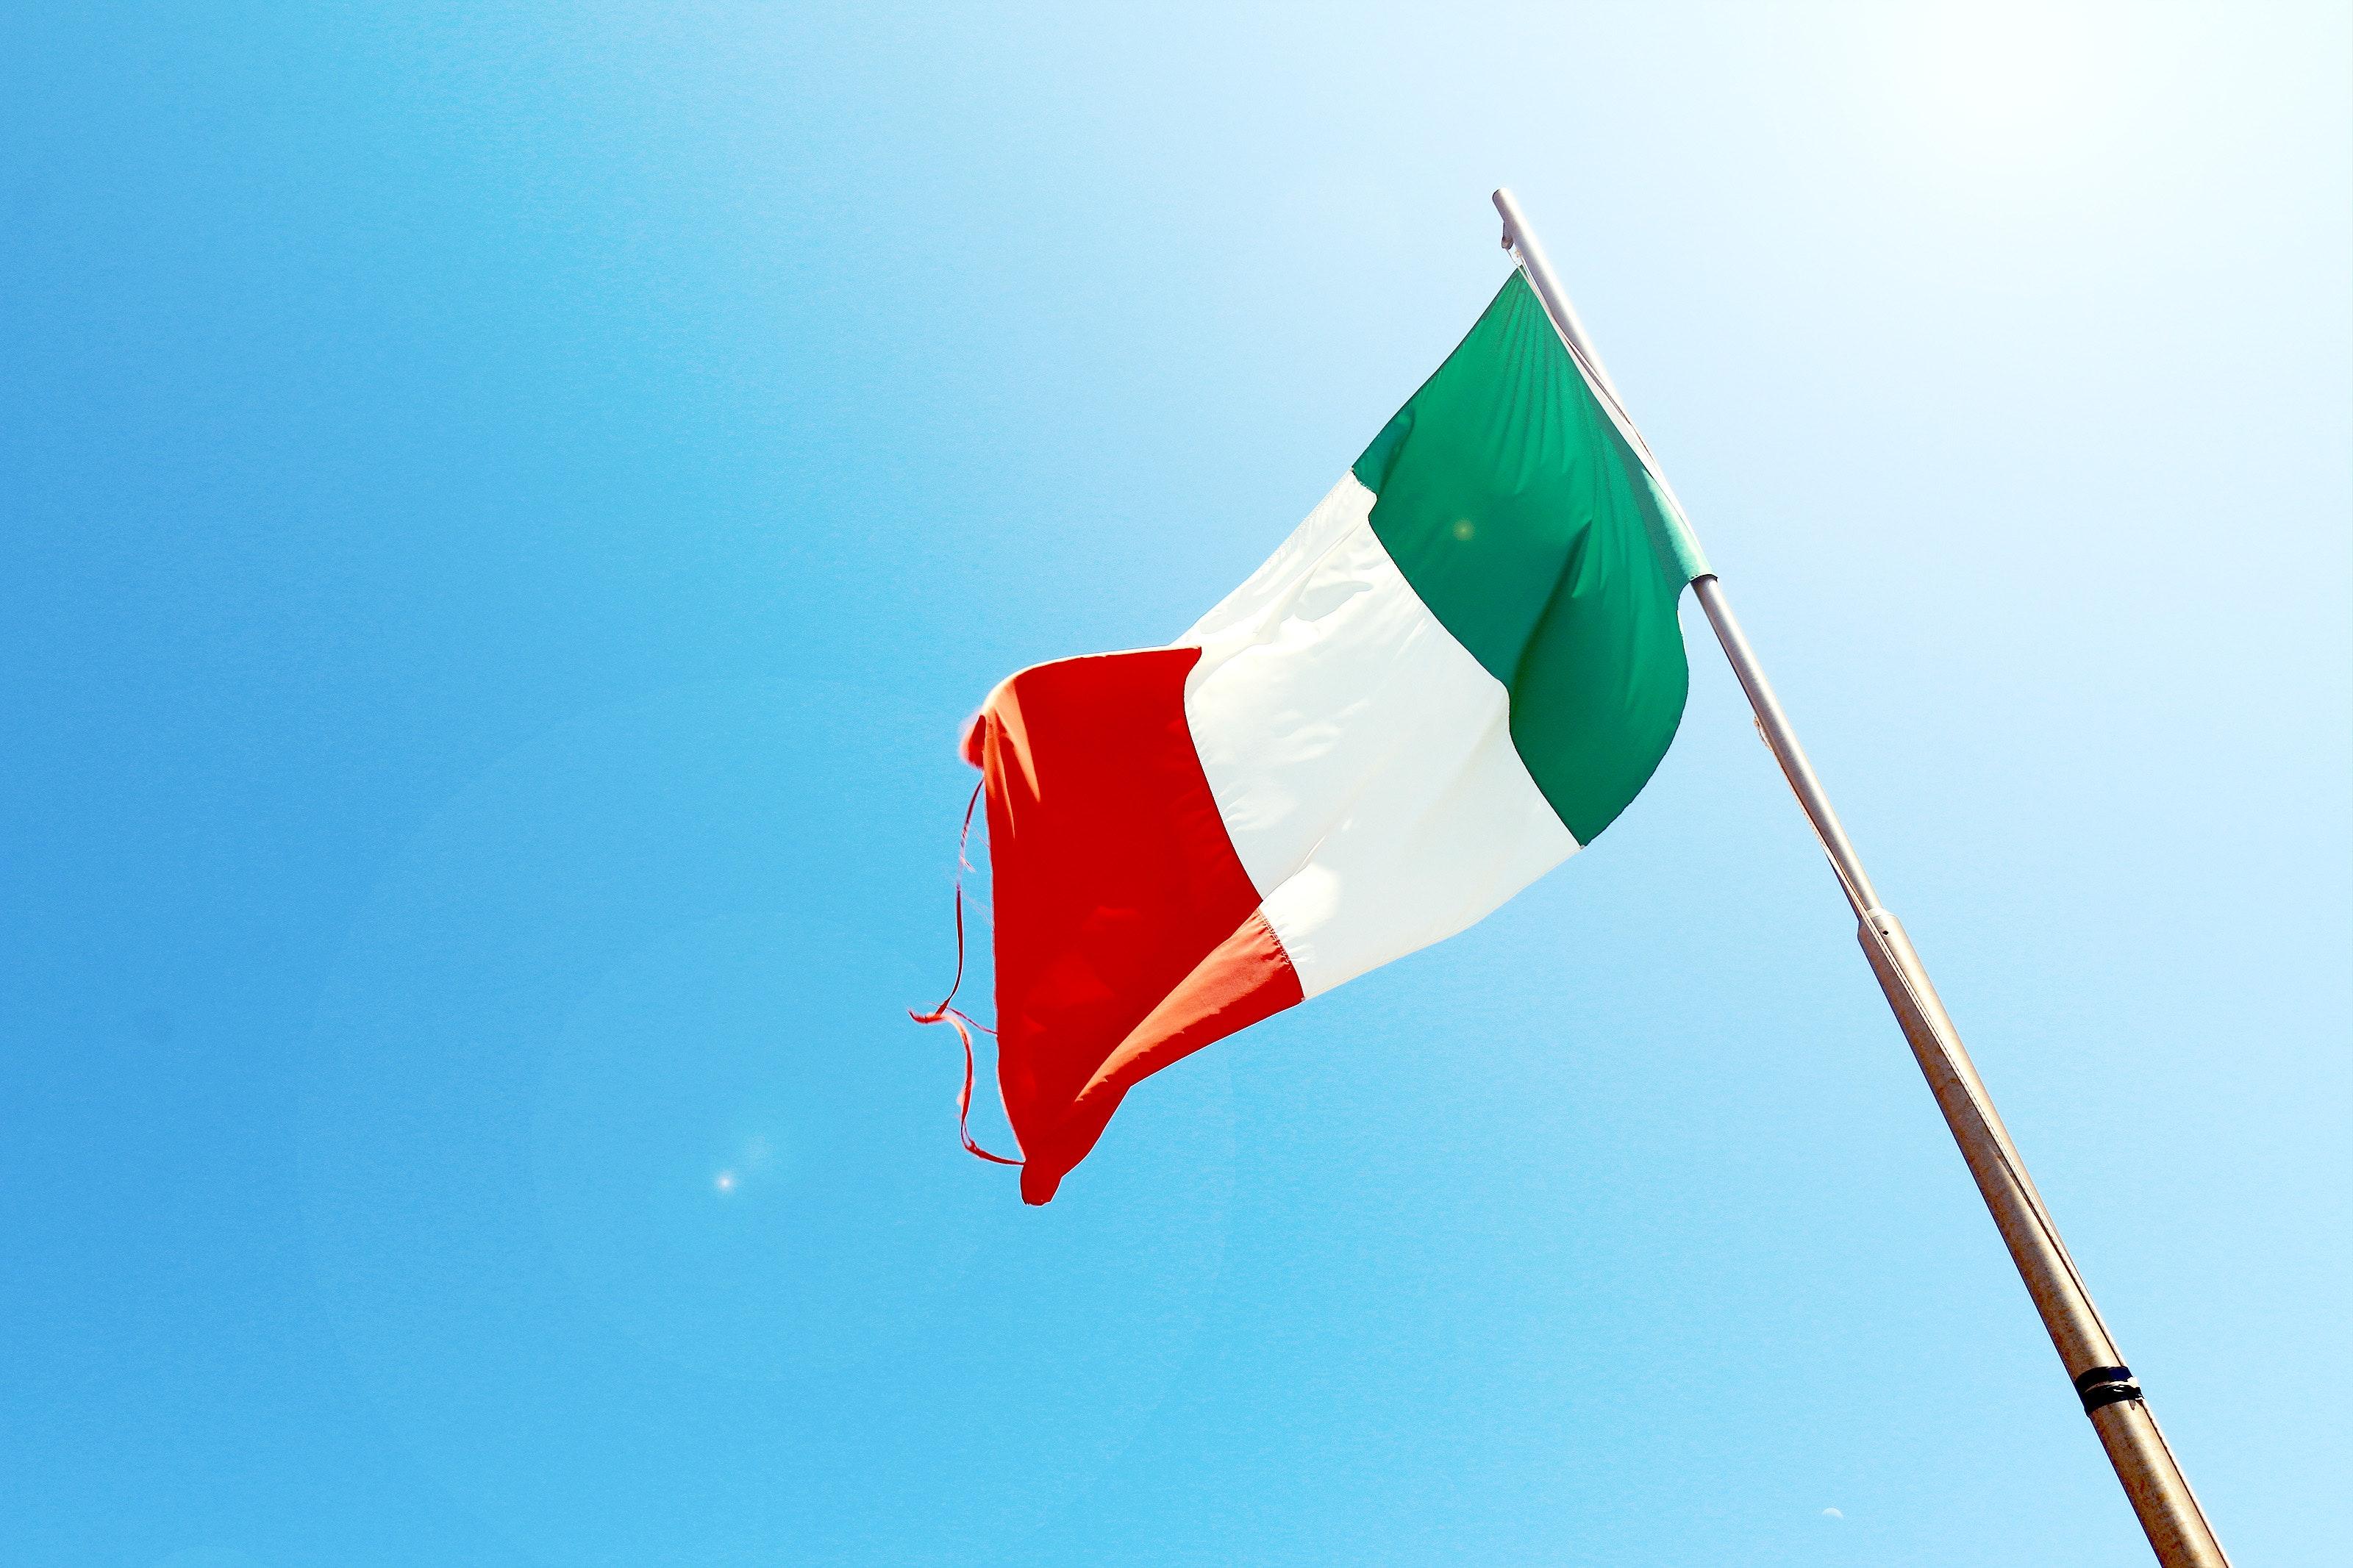 初イタリア ビックリした事